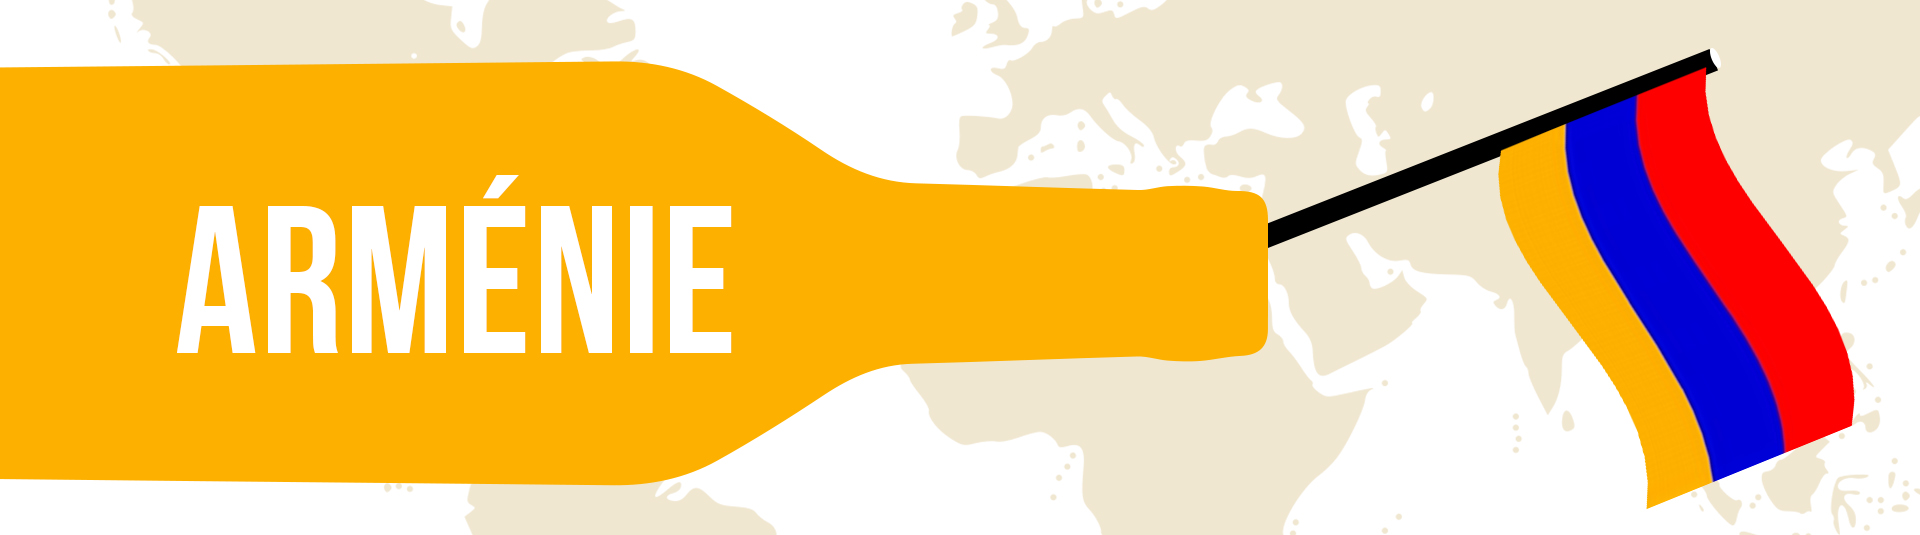 Découvrez les vins d'Arménie